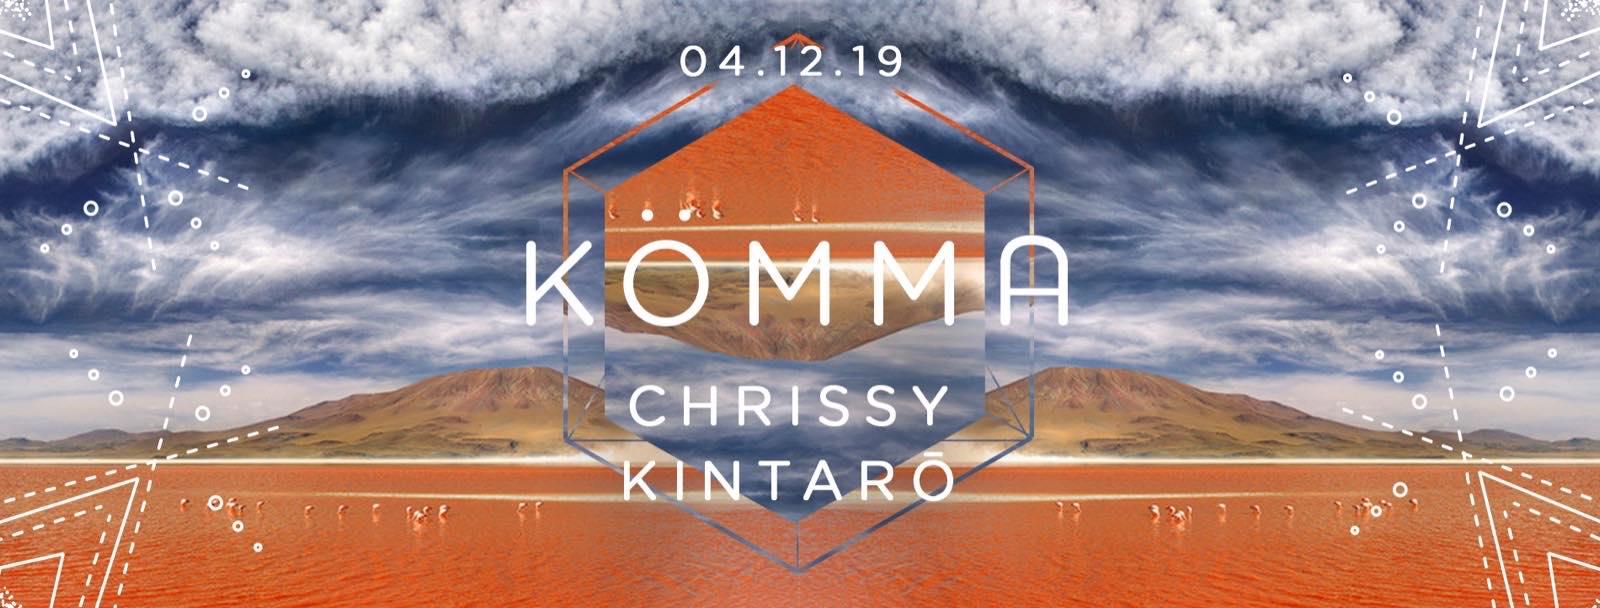 KÖMMA Paris + Chrissy (Alemagou Mykonos) + Kintarō